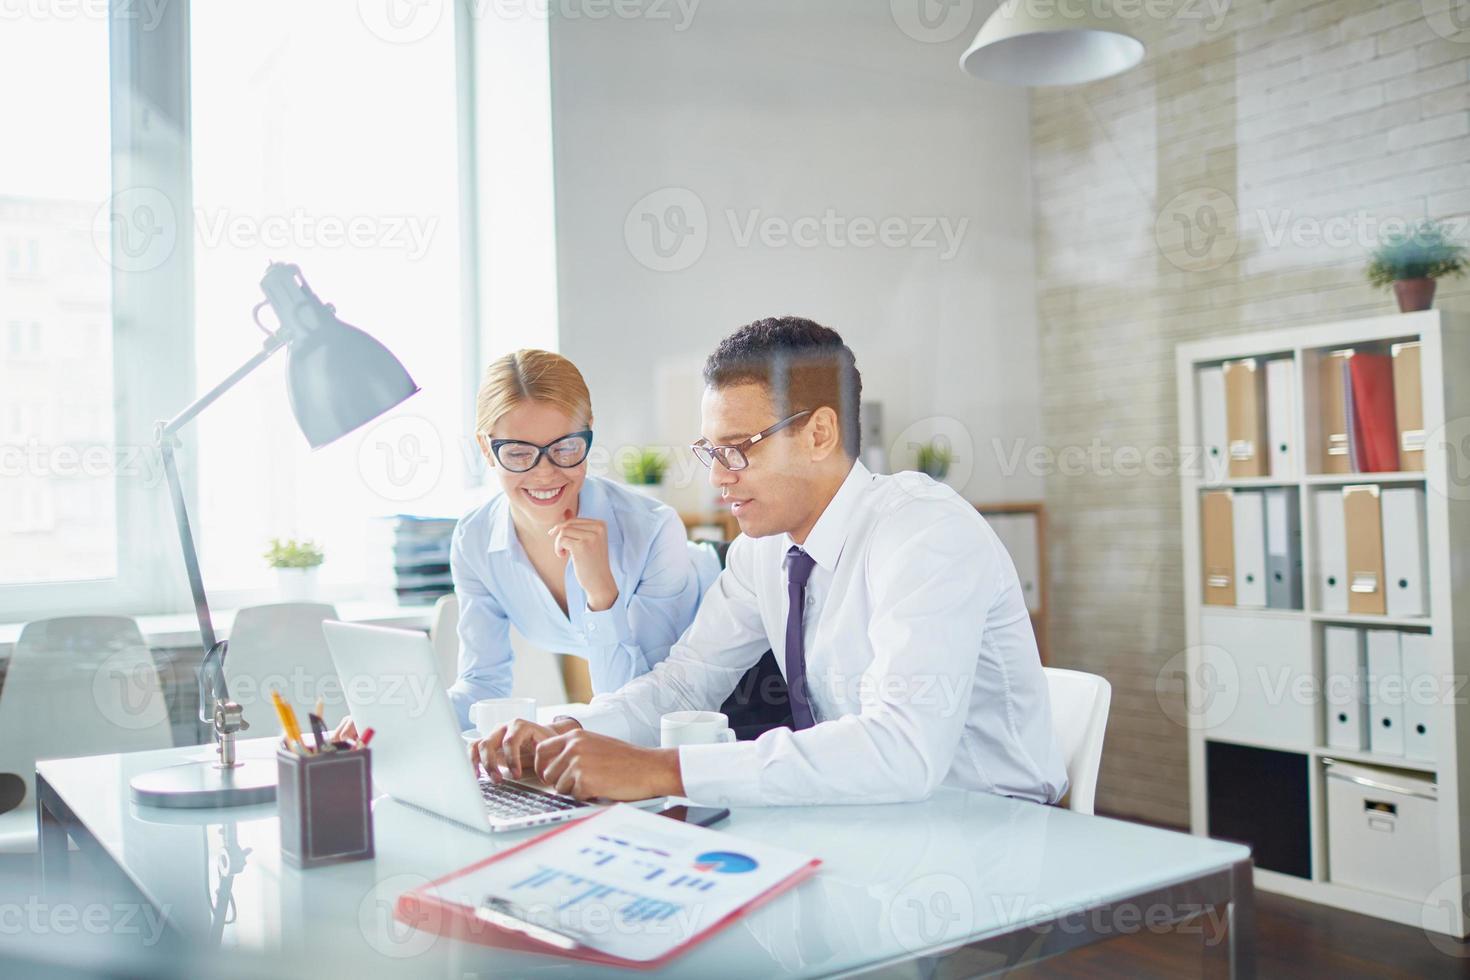 zwei Büroangestellte foto